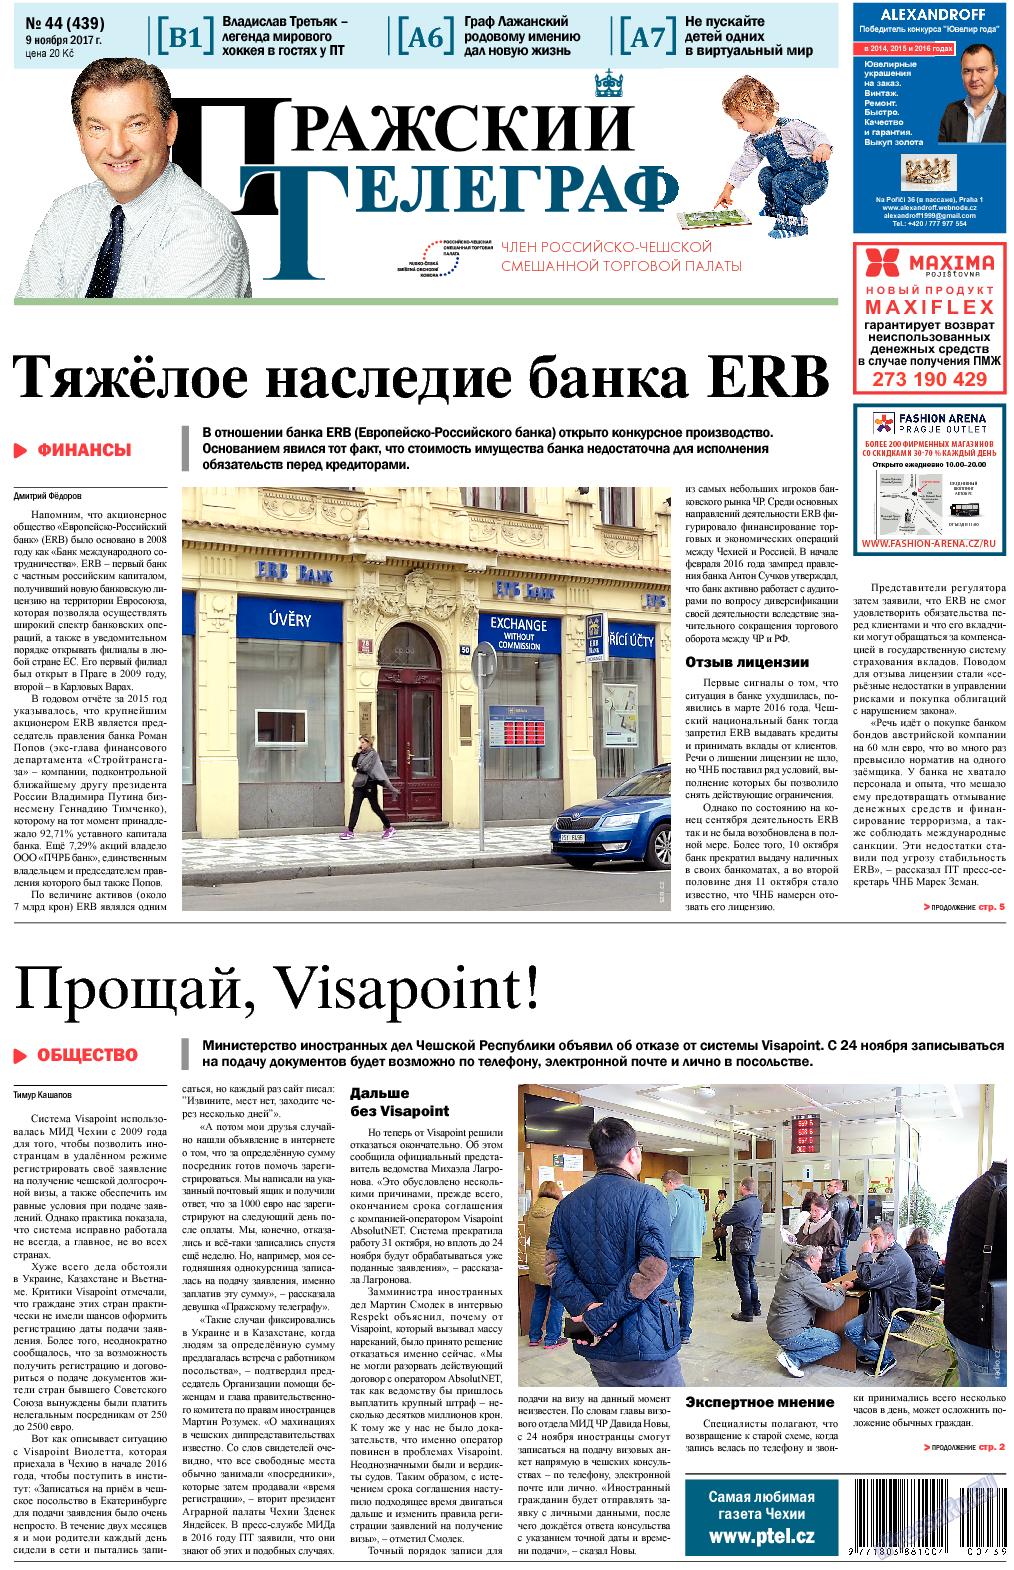 Пражский телеграф (газета). 2017 год, номер 44, стр. 1